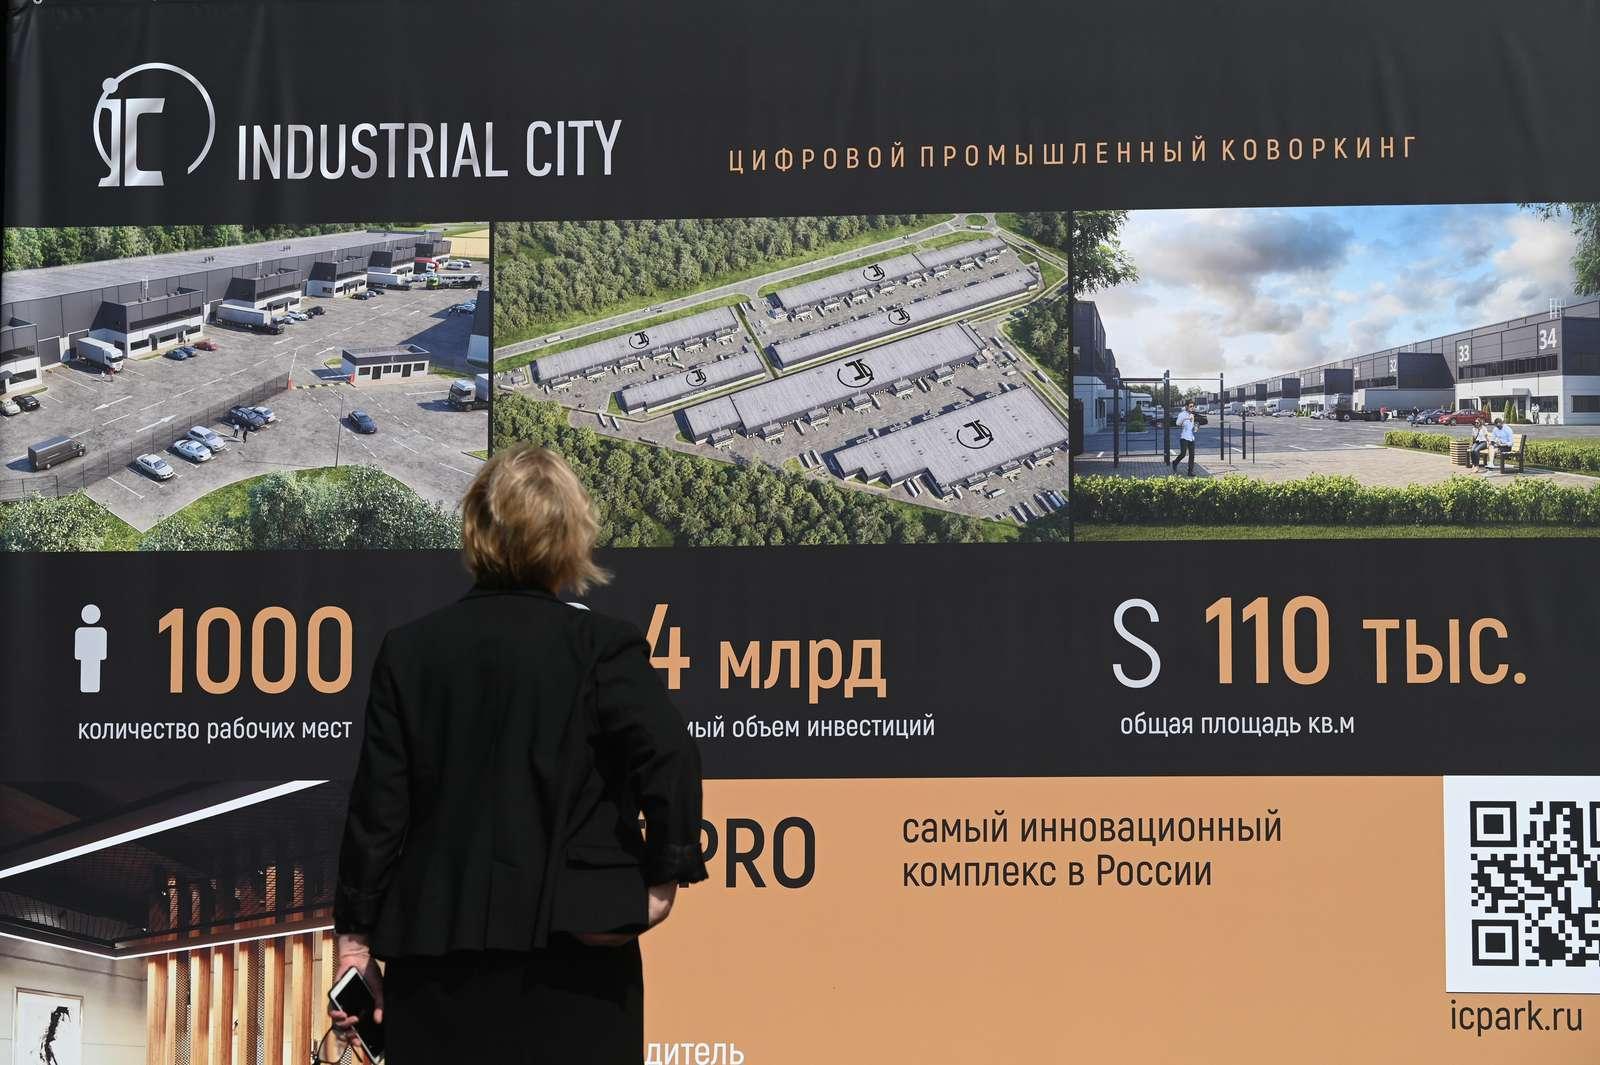 Выгодно бизнесу и жителям. Рабочих мест в Солнечногорске станет больше благодаря новым резидентам «Есипова» | Изображение 2